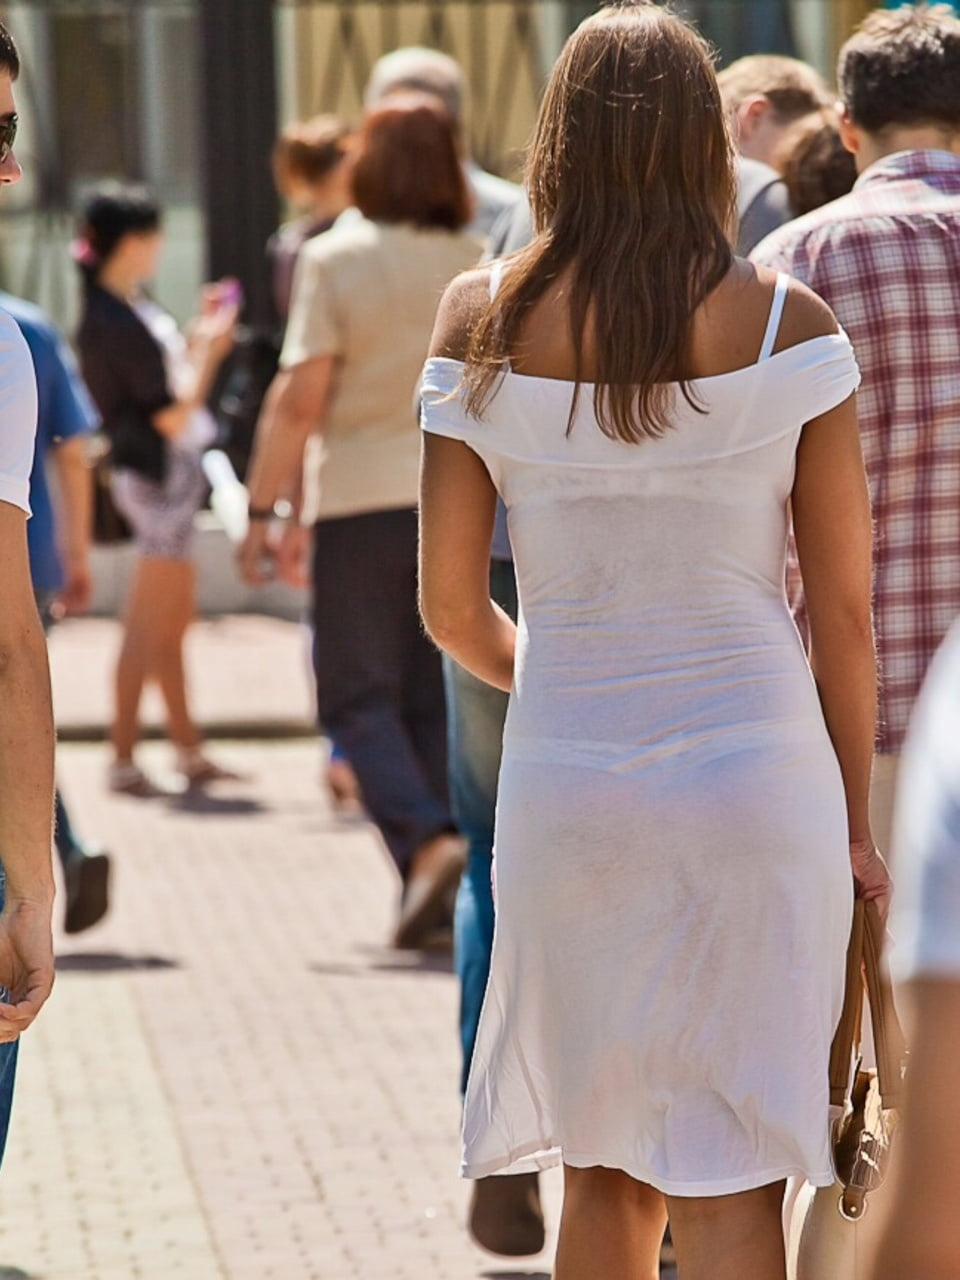 Girls Peeing Pants Public